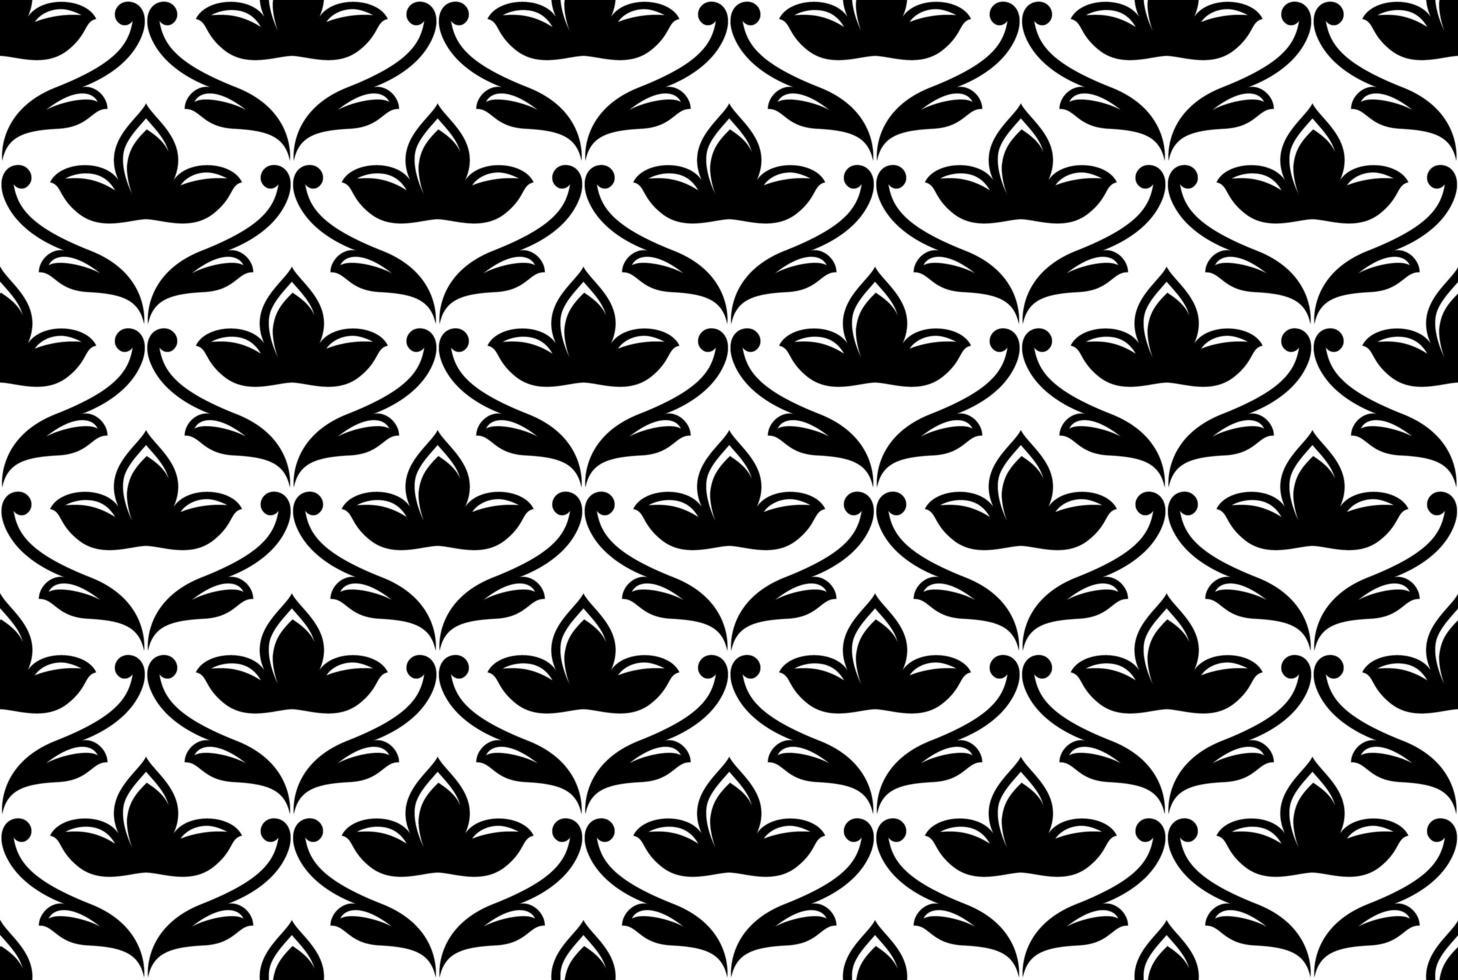 nahtloses ethnisches Blumenmuster vektor